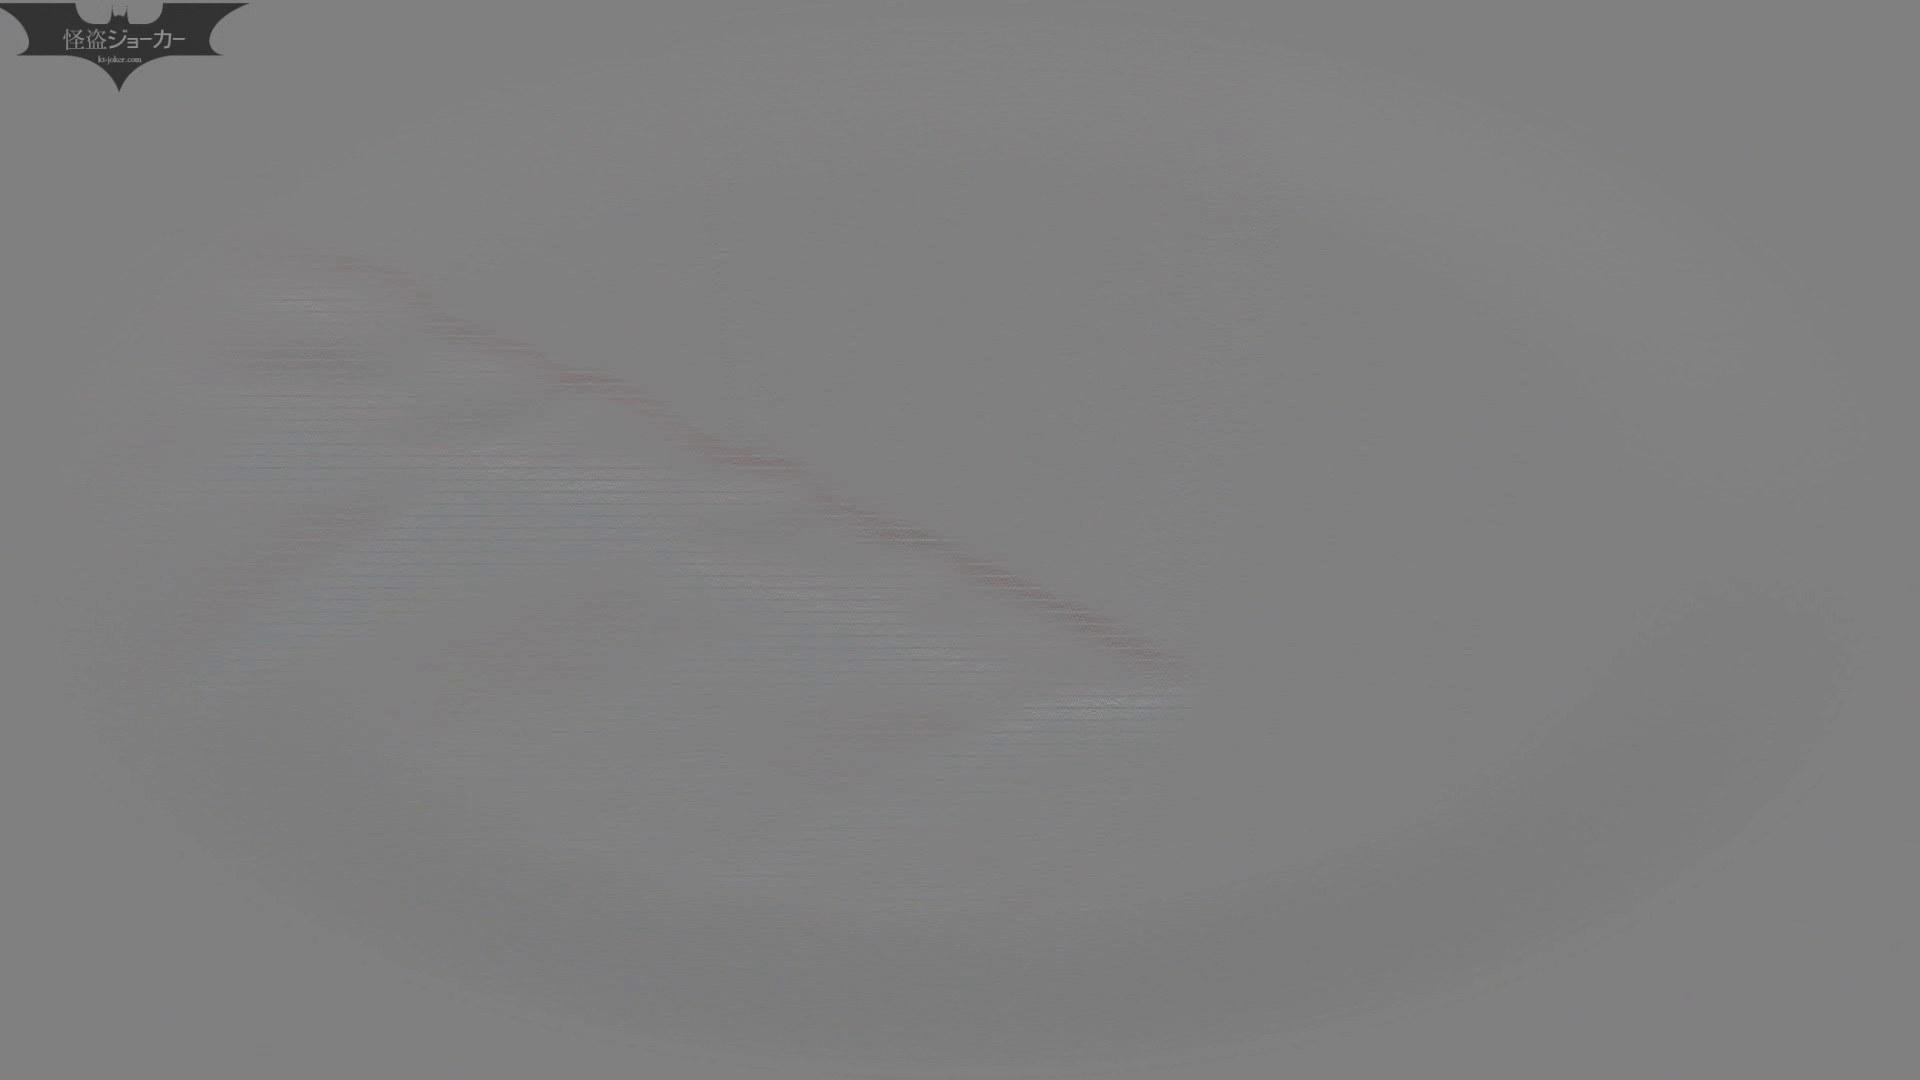 【美しき個室な世界】洗面所特攻隊 vol.046 更に進化【2015・07位】 高評価  96枚 84